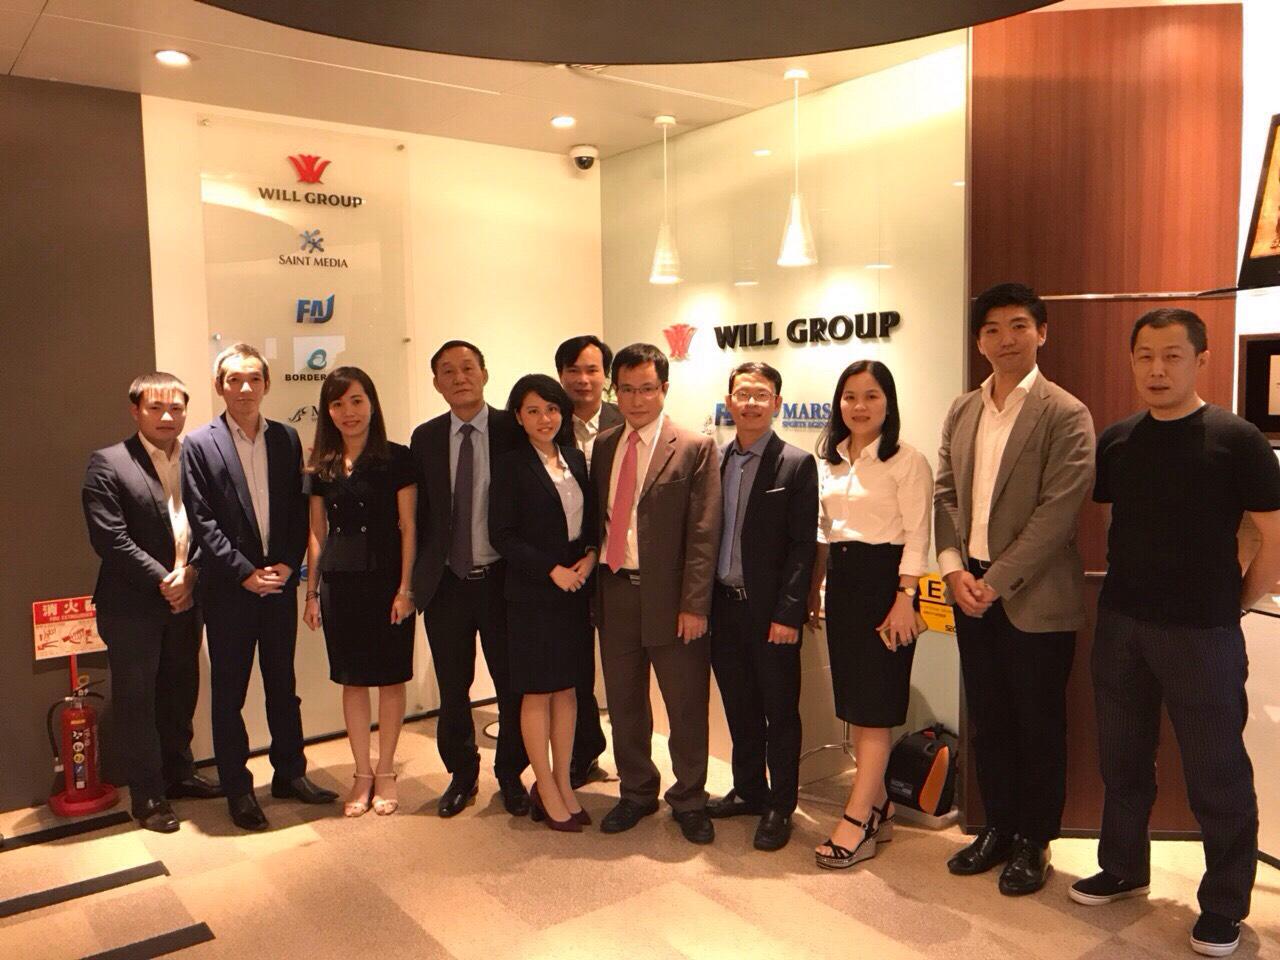 Đại học Công nghiệp Vinh hợp tác với Công ty FAJ - Will Group (Nhật Bản)